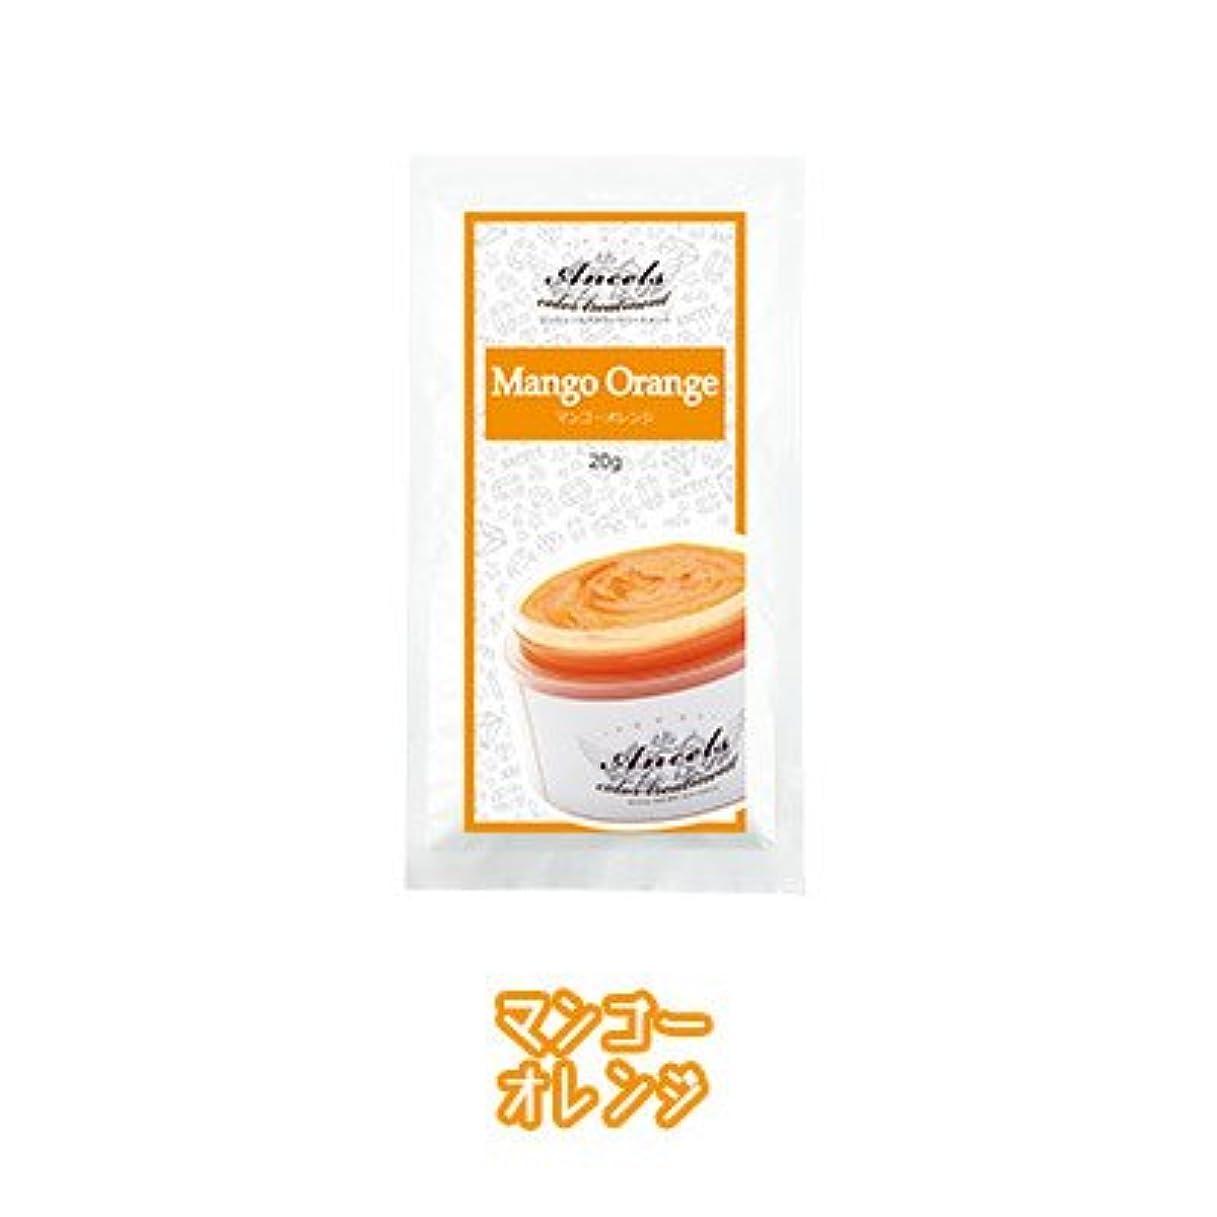 愚か咳シュガーエンシェールズ カラートリートメントバター プチ(お試しサイズ) マンゴーオレンジ 20g